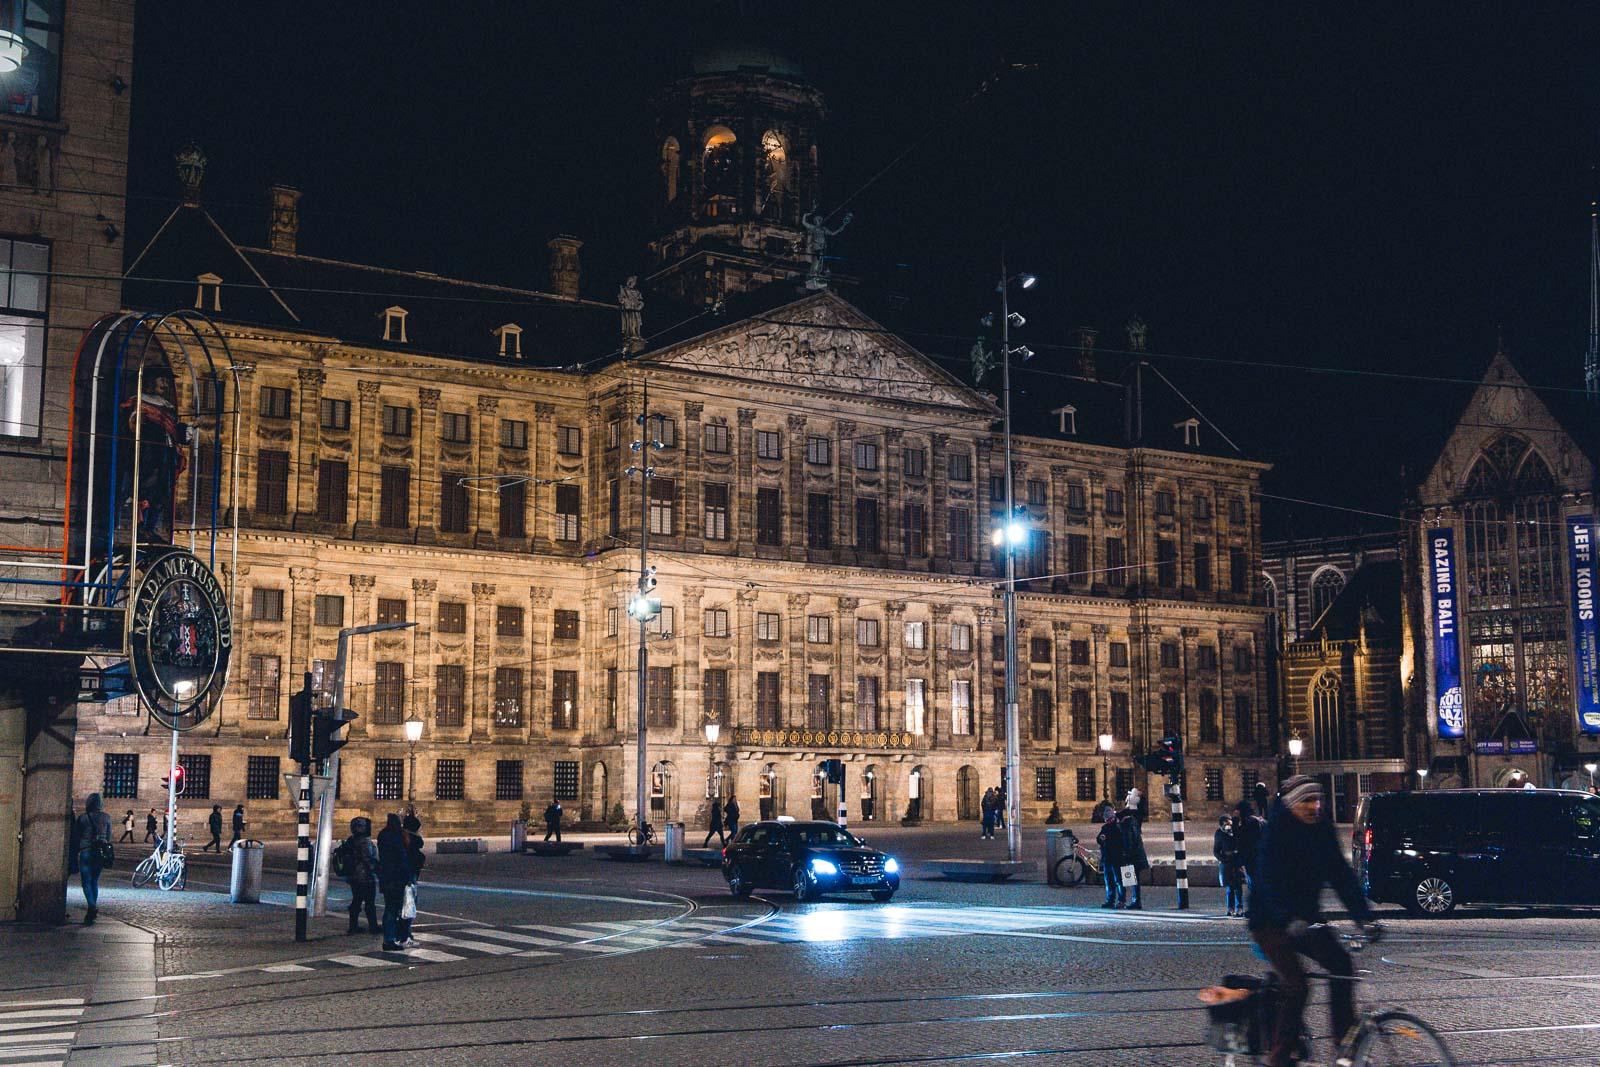 Amsterdam Reiseblog - De Dam, Königlicher Palast bei Nacht